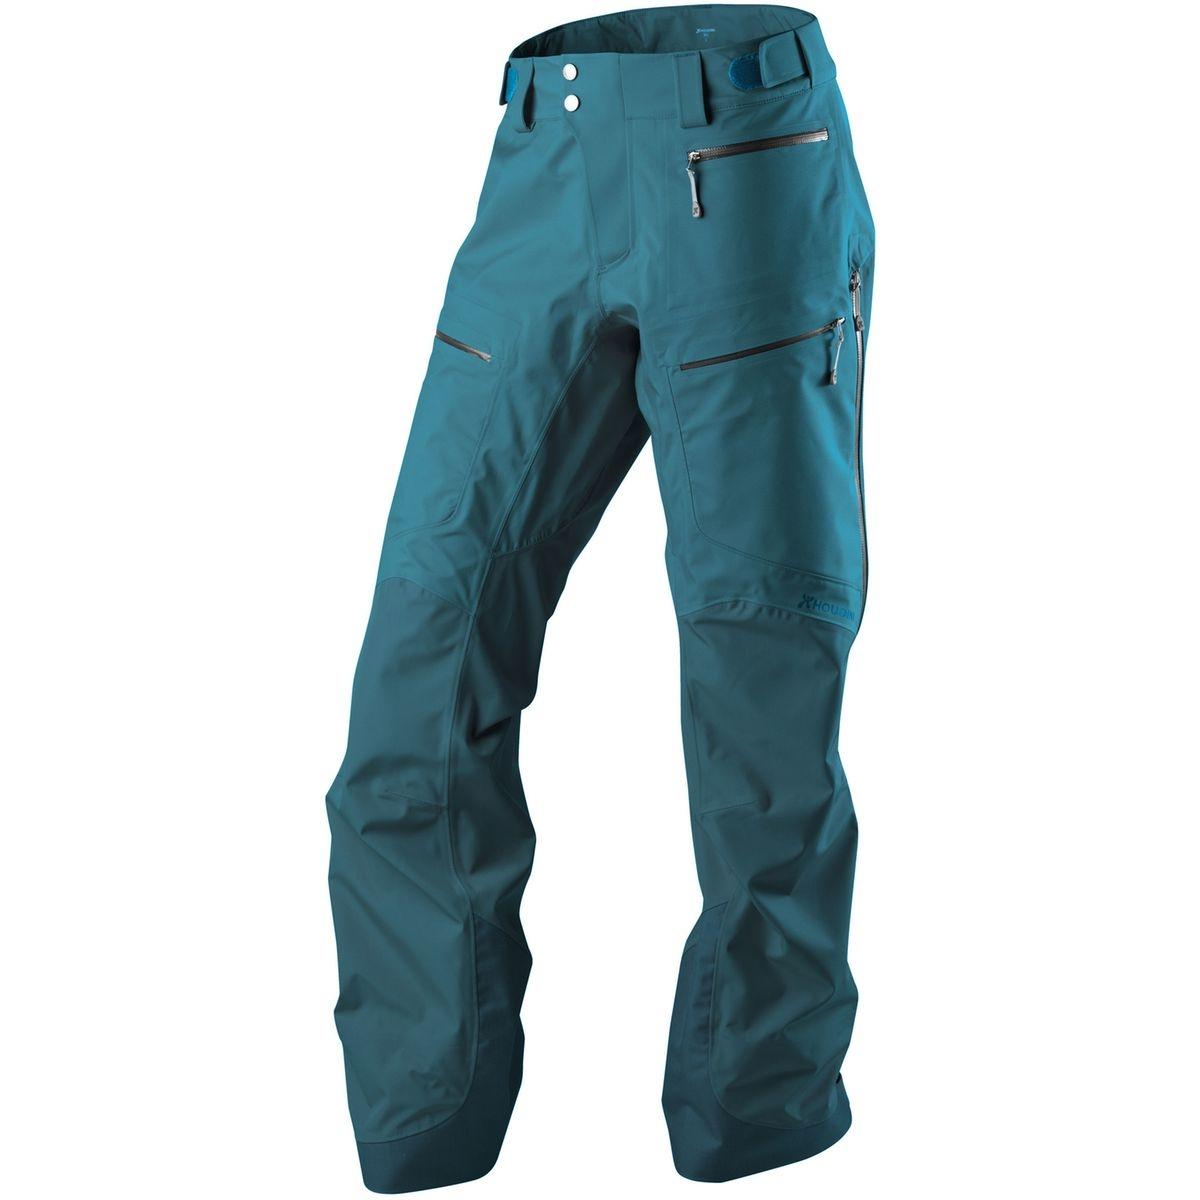 Candid - Pantalon Homme - Bleu pétrole